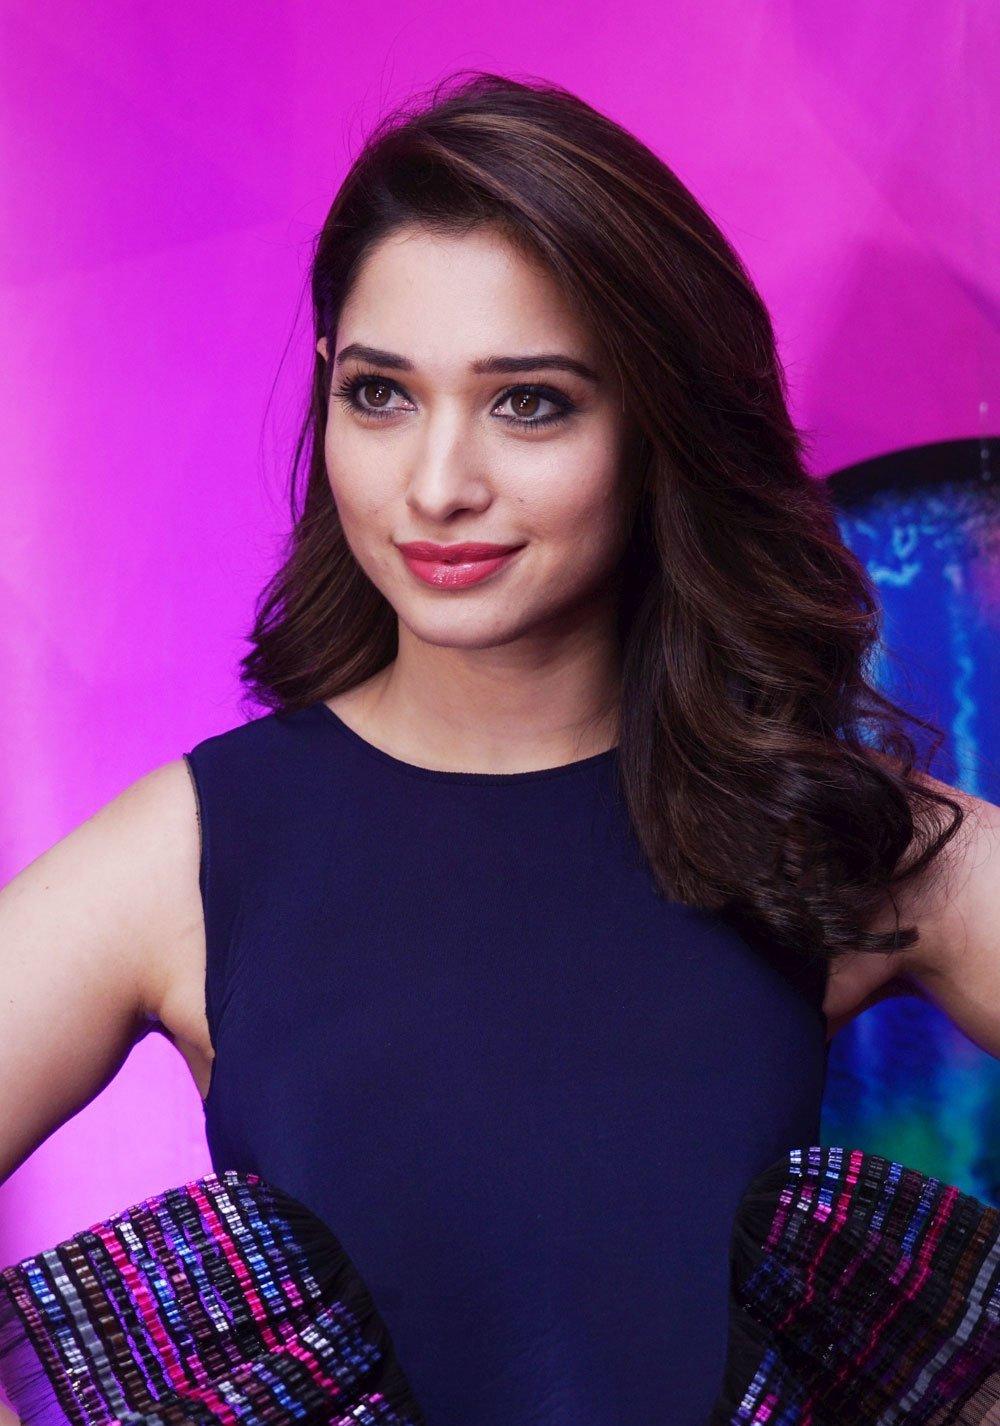 Actress Tamannaah Long hair Face Close up Photos